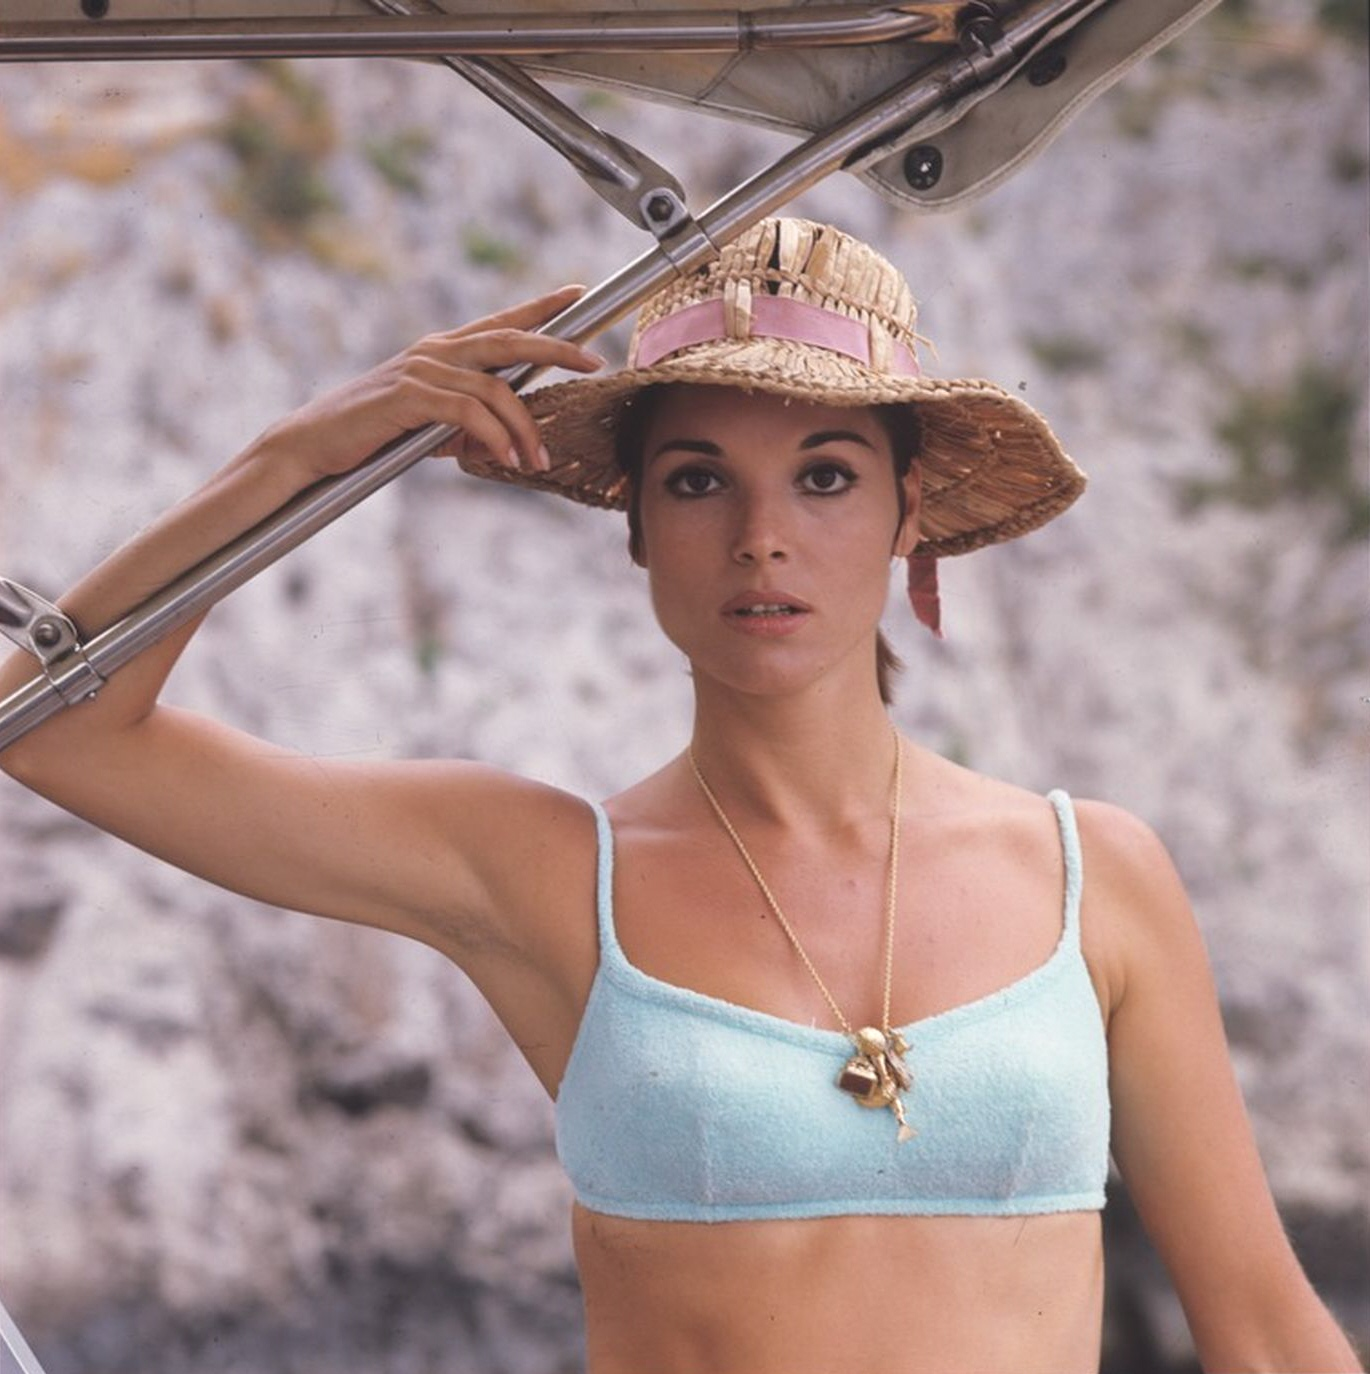 Elsa Martinelli in a bikini